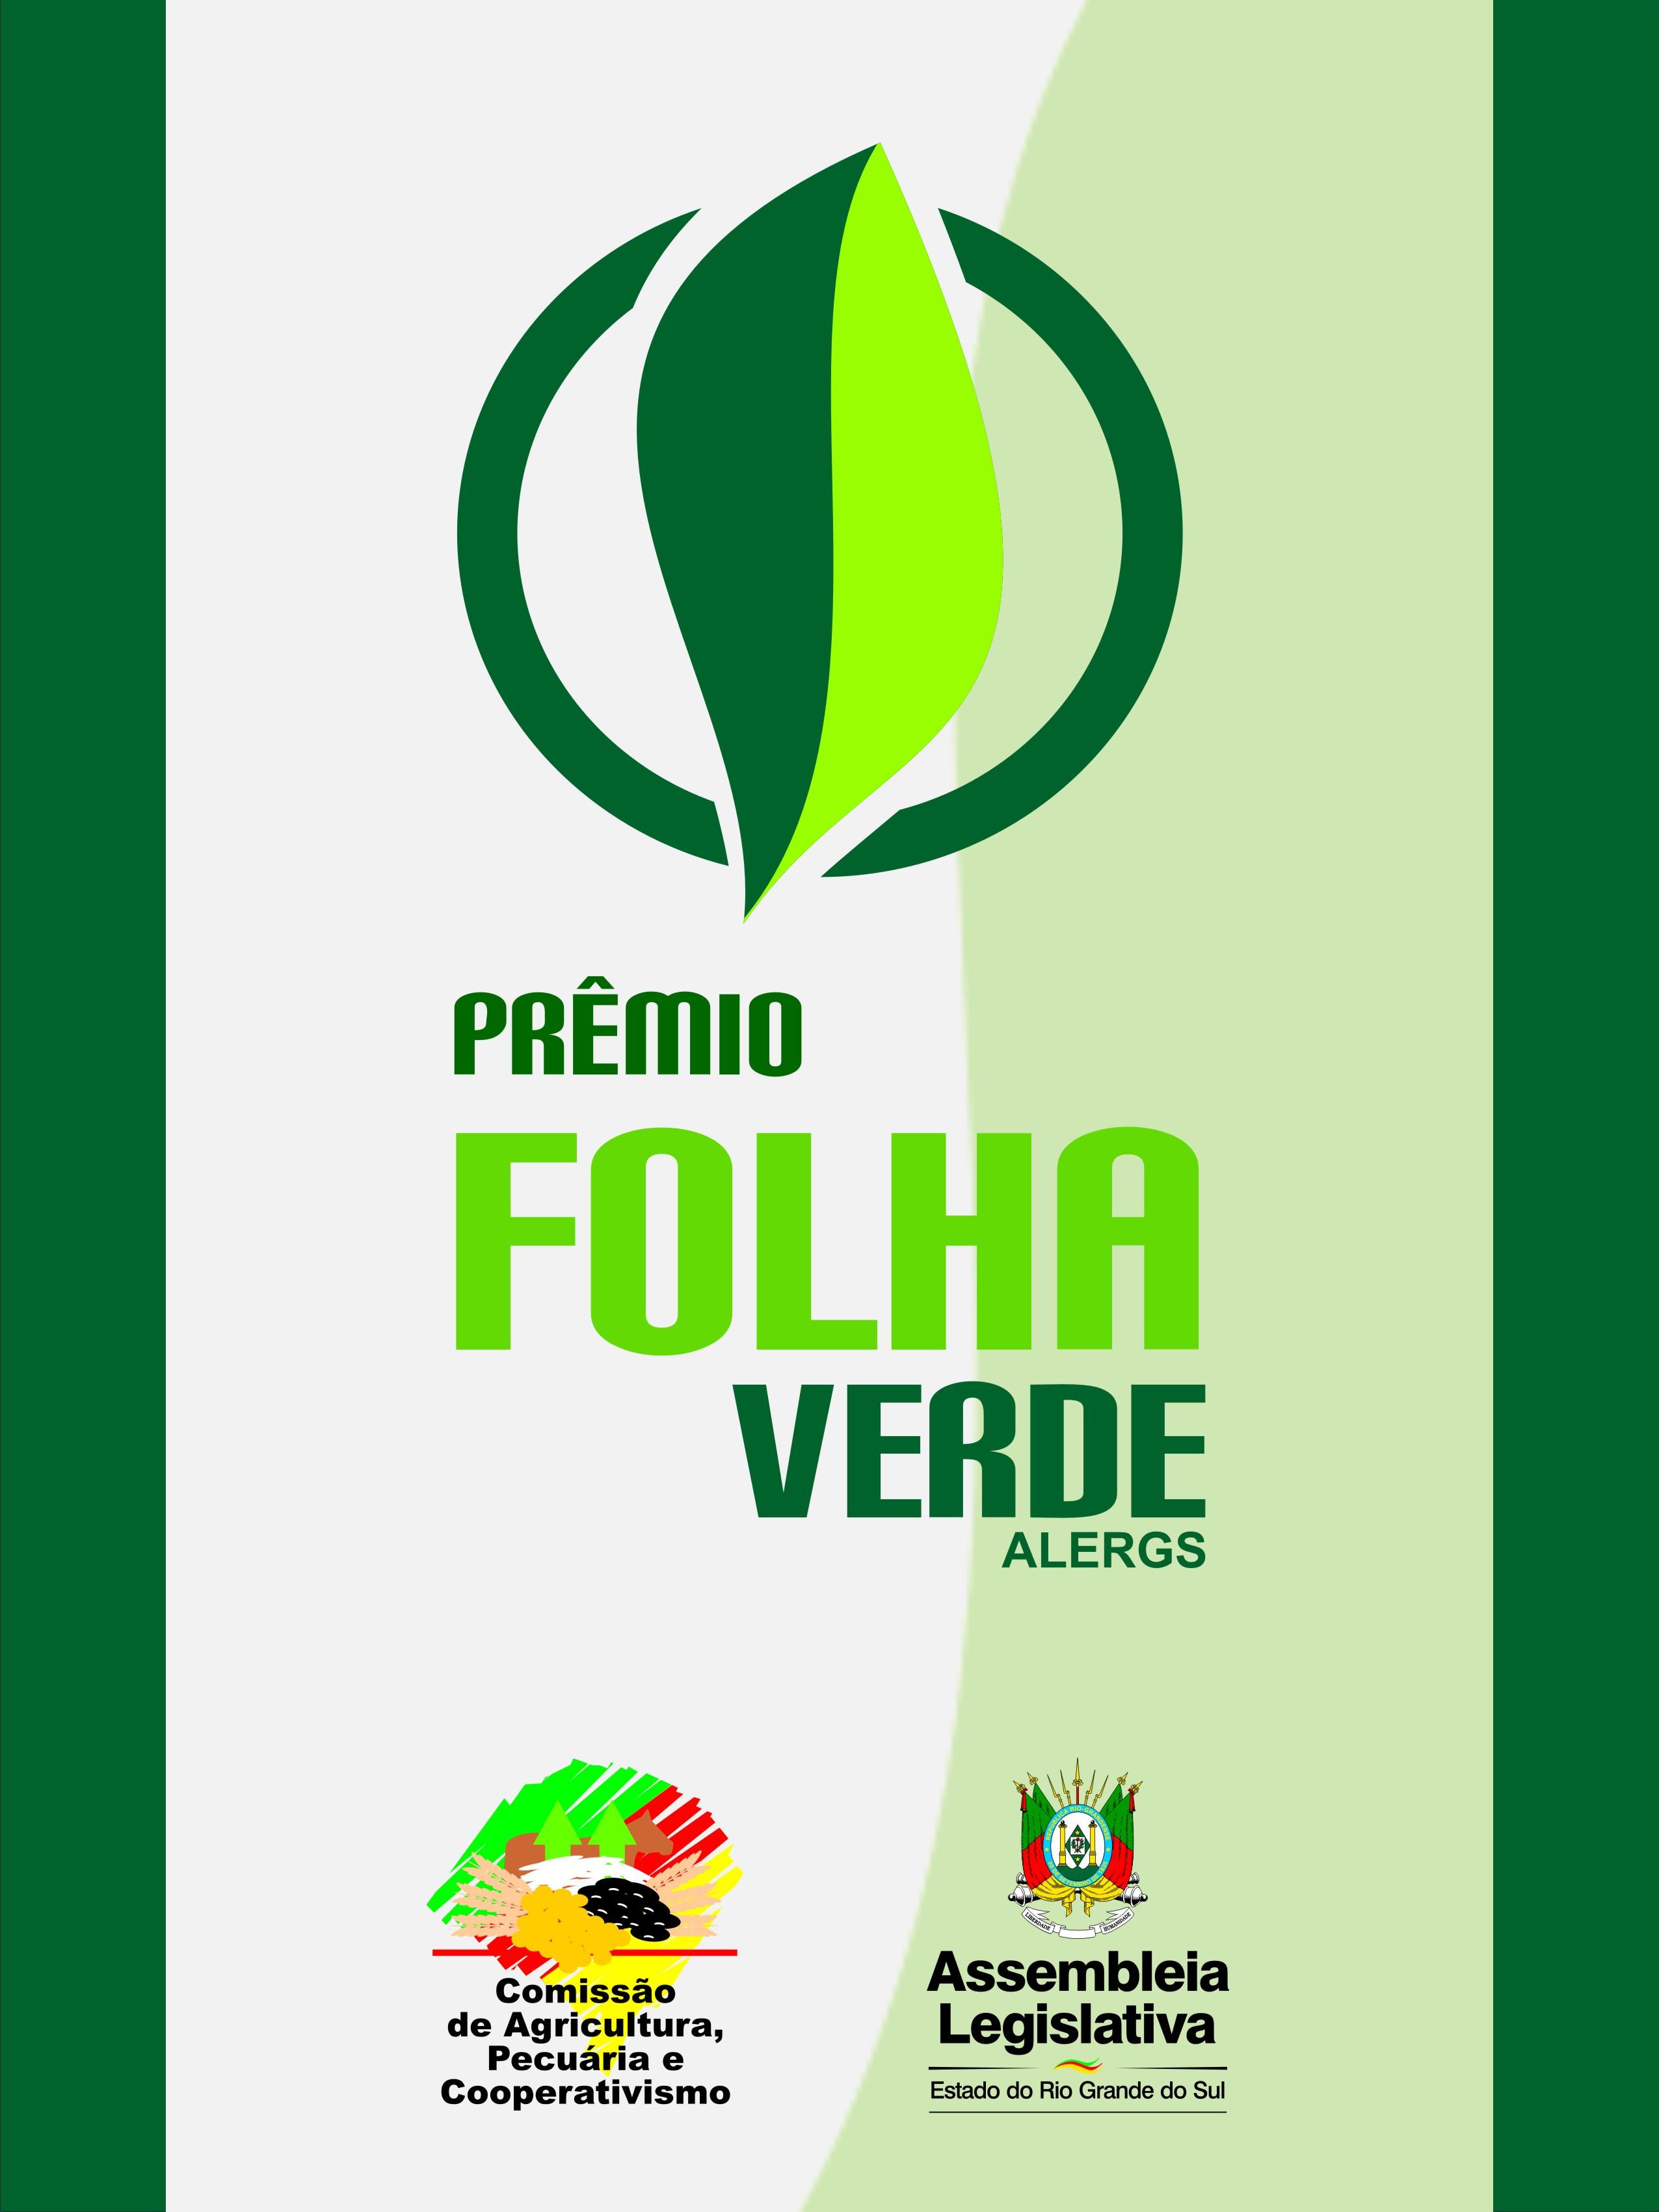 Santa Clara conquista o Prêmio Folha Verde 2019